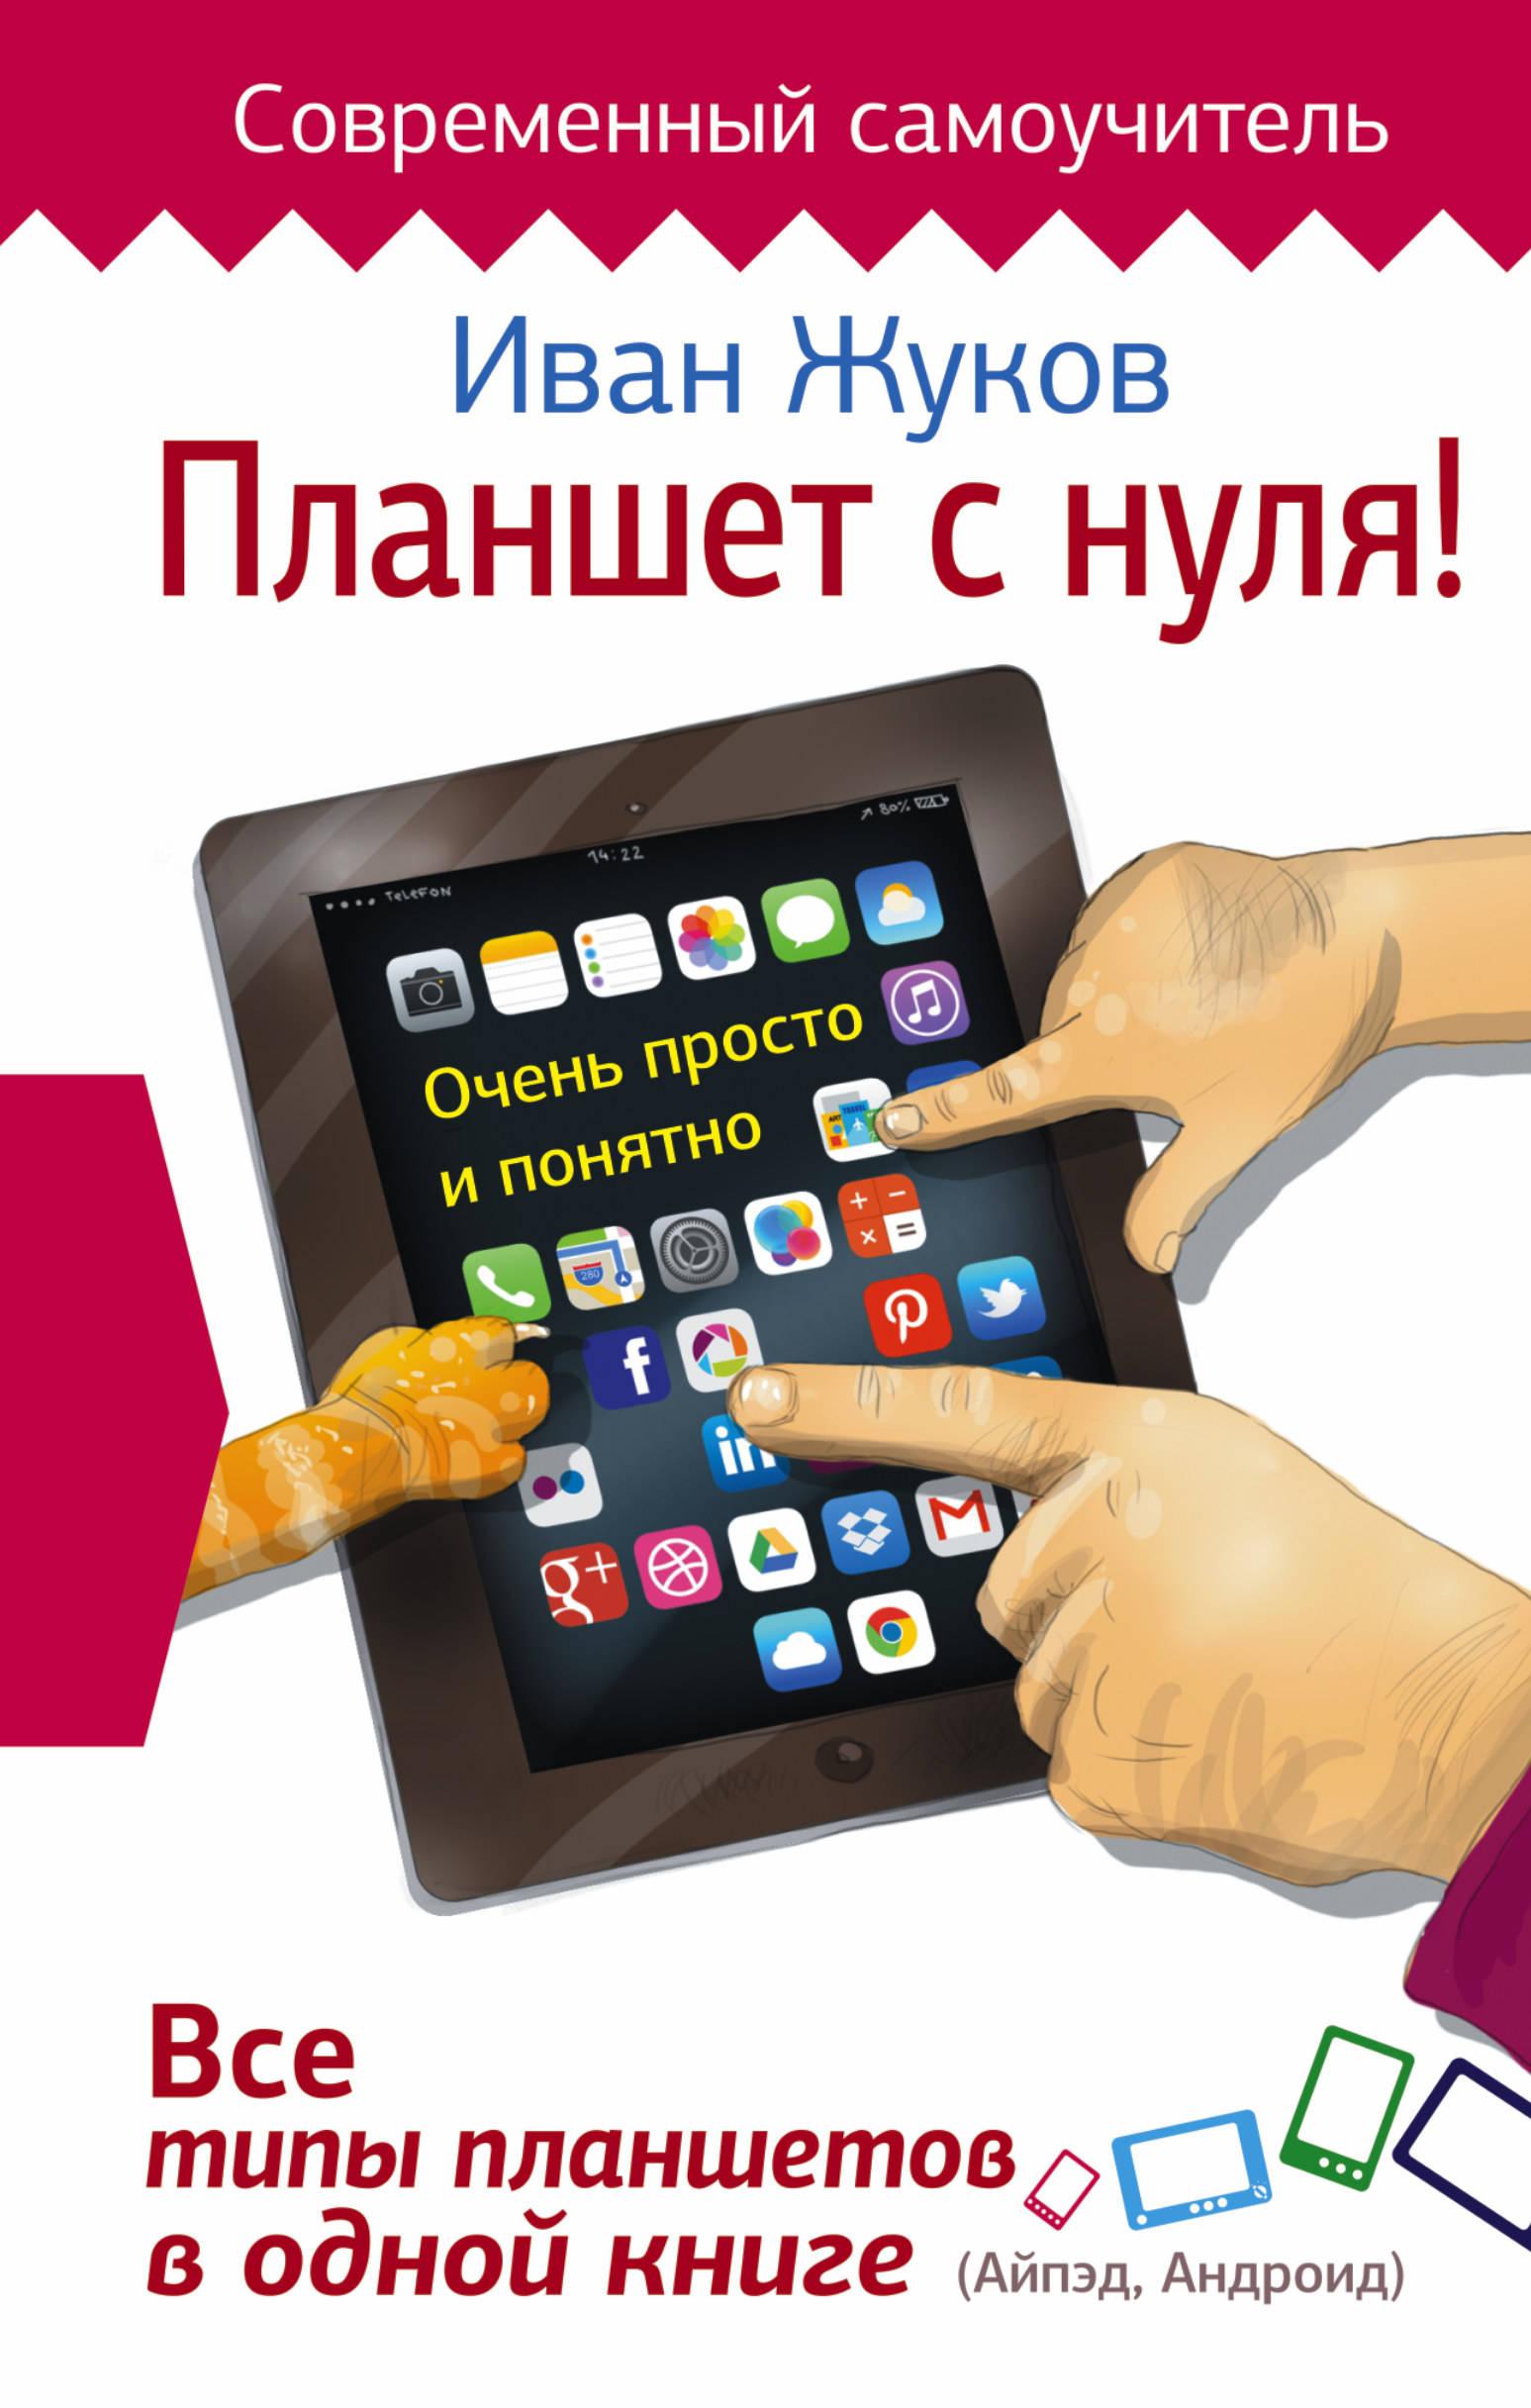 Жуков Иван Планшет с нуля! Все типы планшетов в одной книге (Айпед и Андроид) жуков иван планшет с нуля все типы планшетов в одной книге айпед и андроид